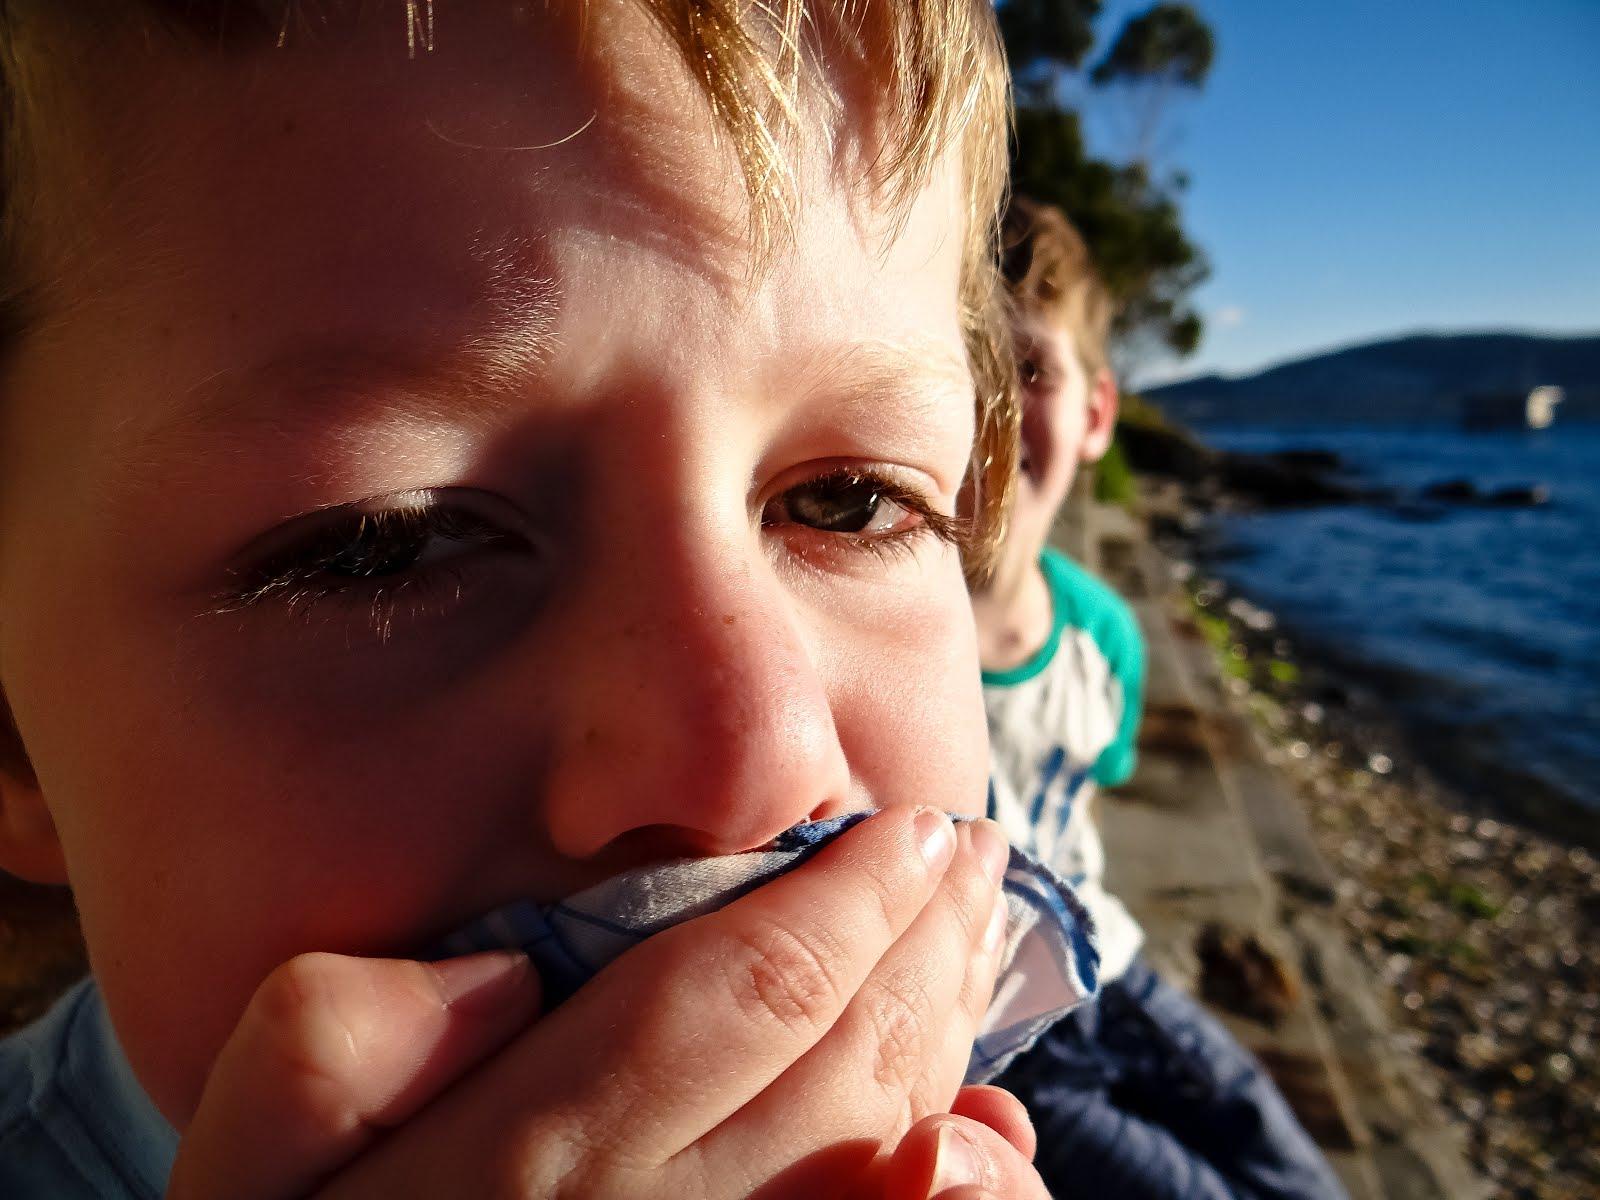 Ребенок прикусил язык: как остановить кровотечение картинки